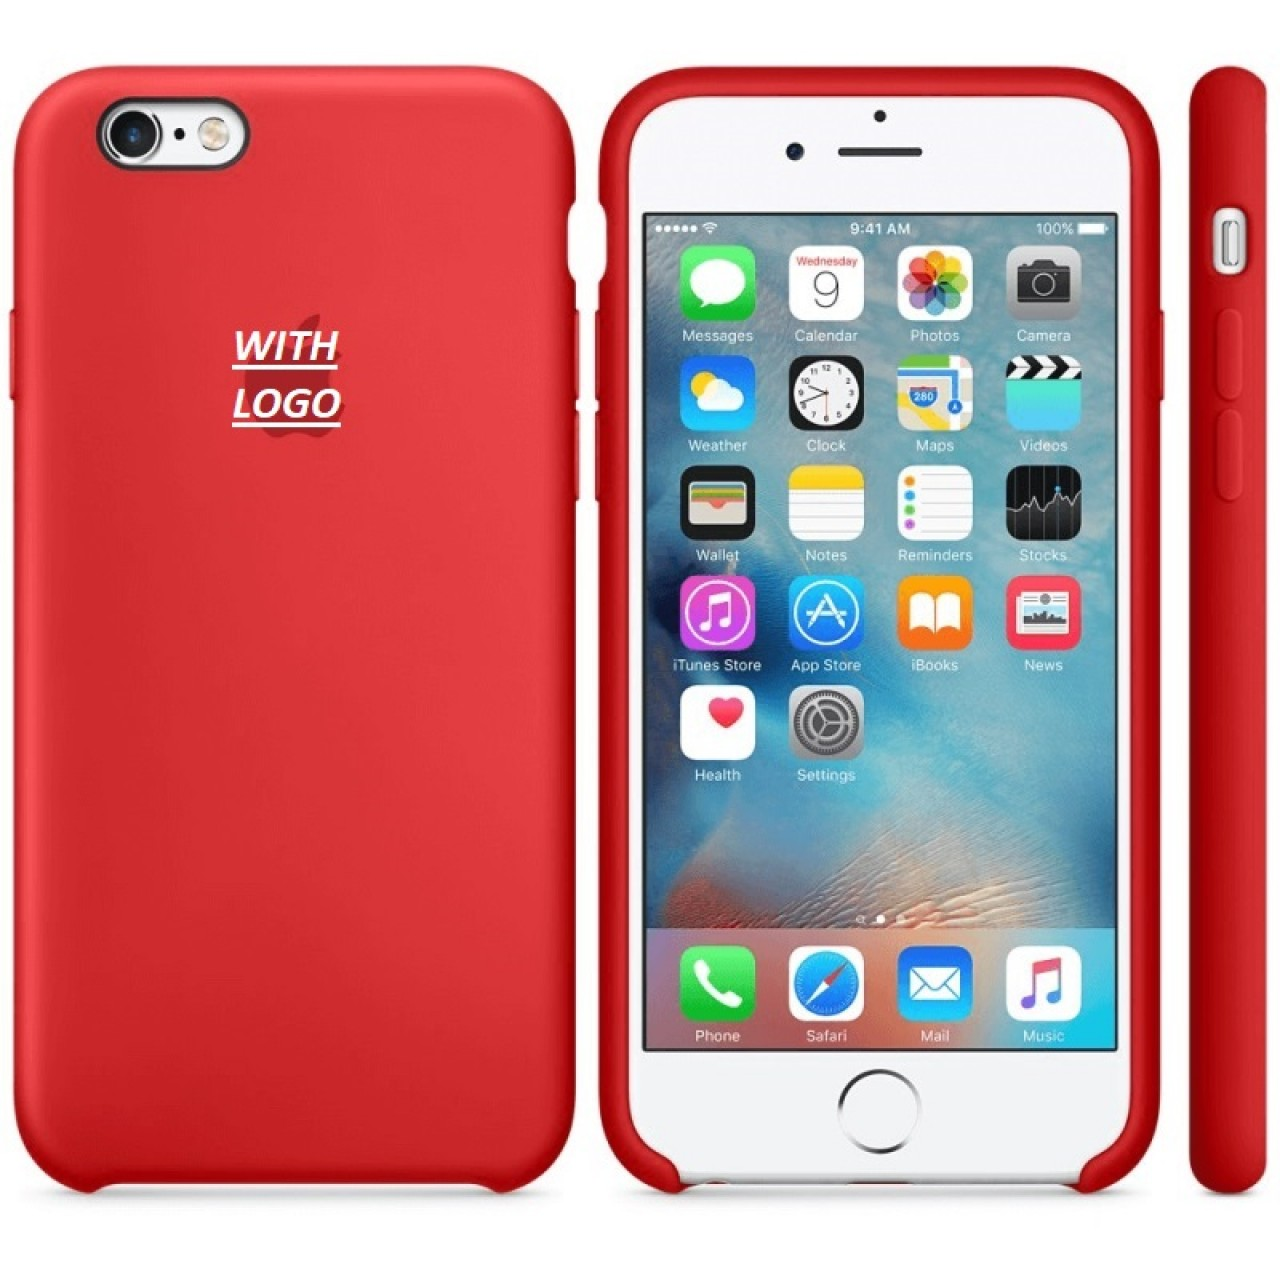 ΘΗΚΗ ΠΡΟΣΤΑΣΙΑΣ ΣΙΛΙΚΟΝΗΣ ΓΙΑ iPhone 6 PLUS  ΚΟΚΚΙΝΗ - BACK COVER SILICON CASE RED - OEM